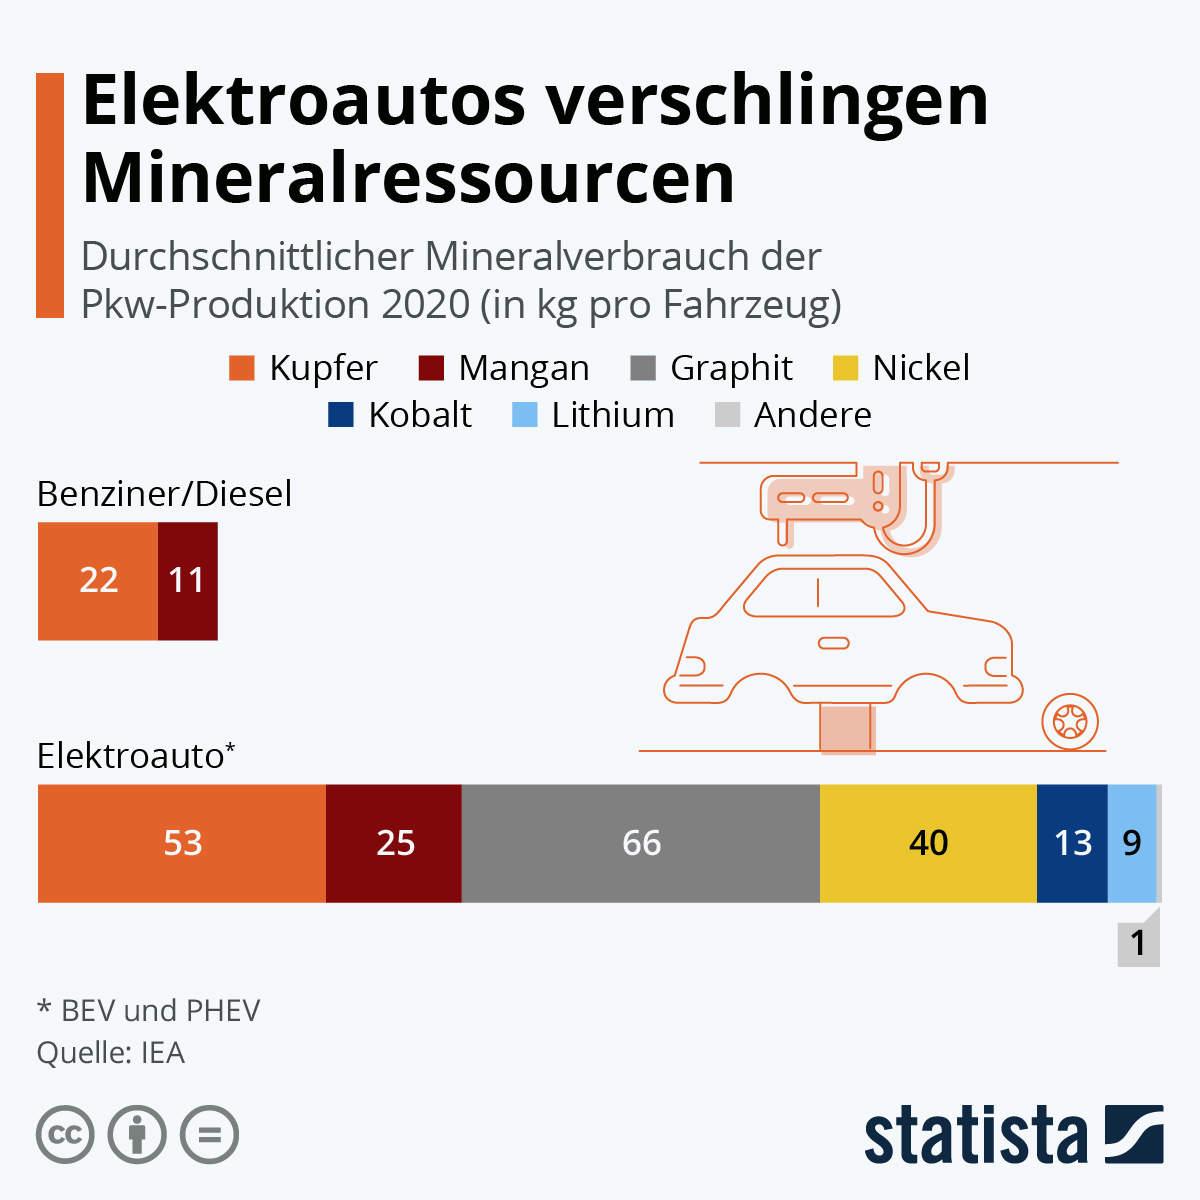 Elektroautos verschlingen Mineralressourcen